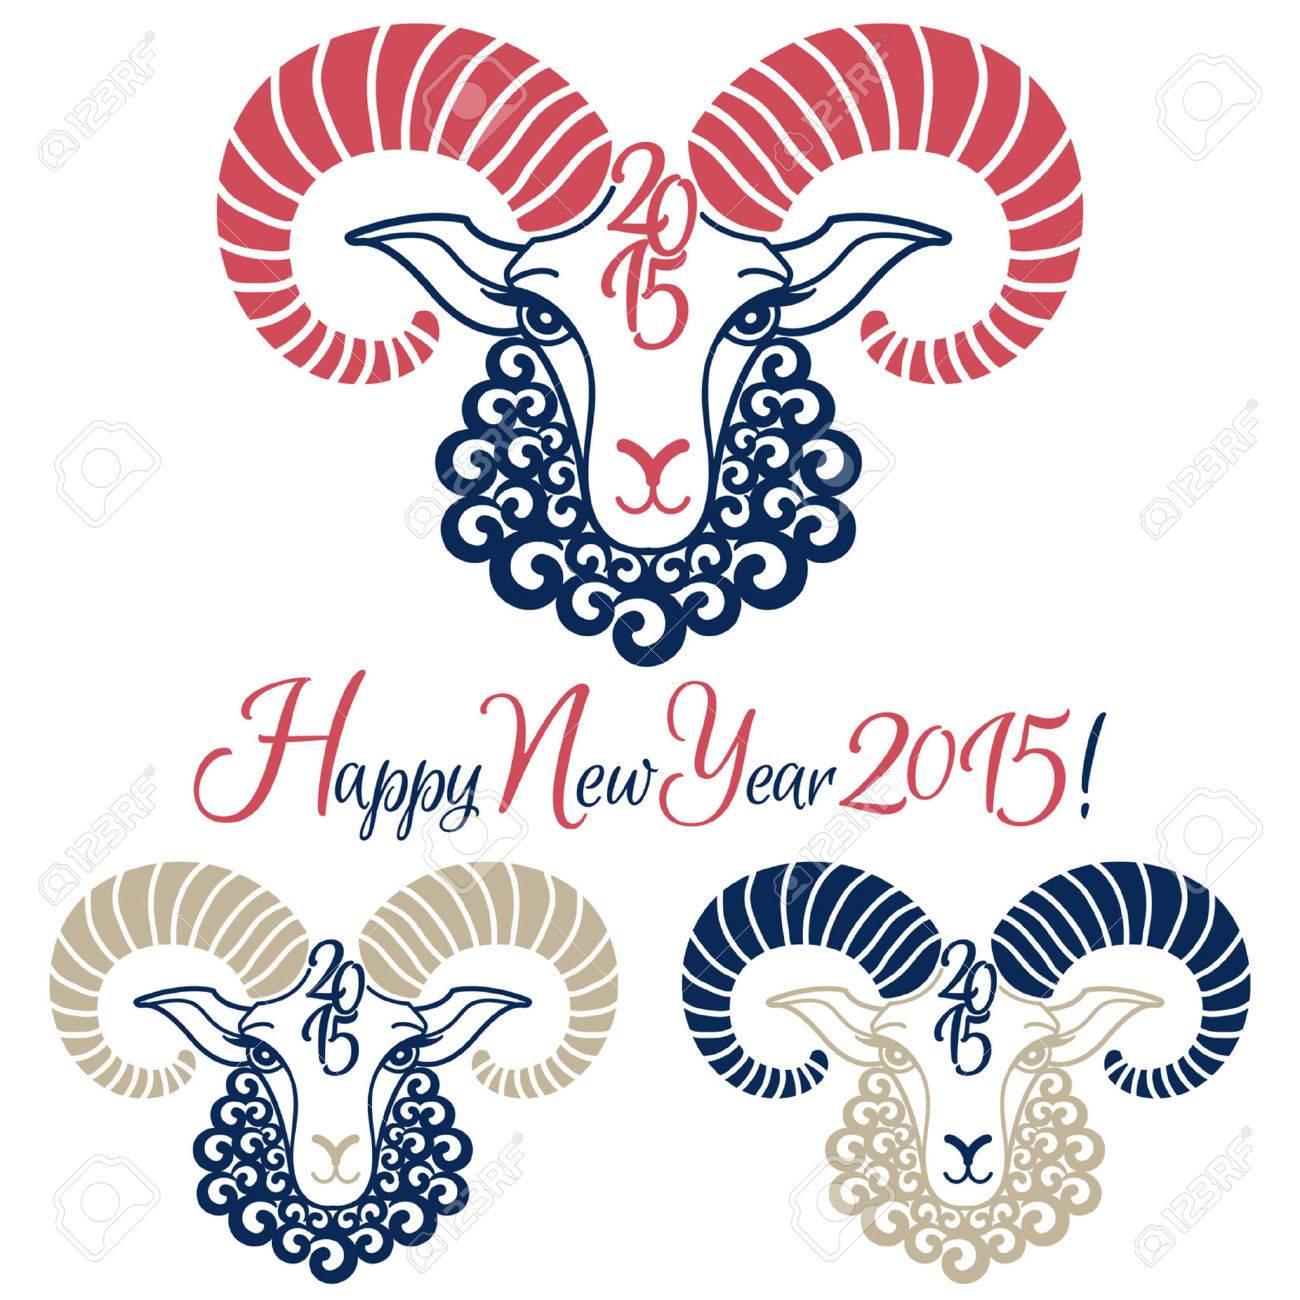 Jahr Der Schafe 2015 Vektor Illustrationen Set. Neujahrsgrüße ...